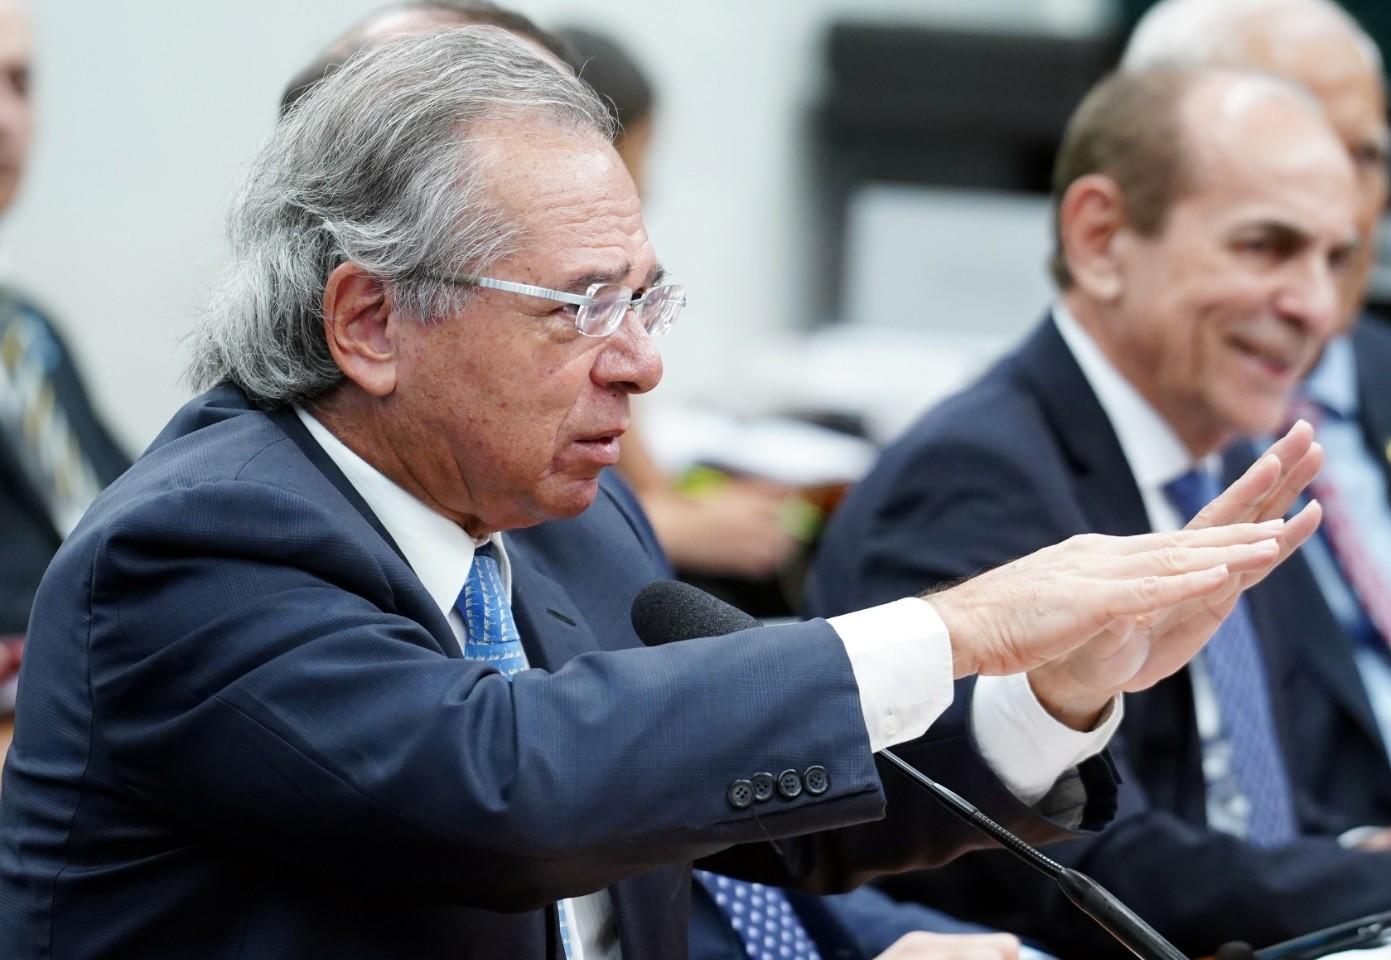 Ministério da Economia pedirá que PF investigue suposta invasão de celular de Paulo Guedes - Notícias - Plantão Diário